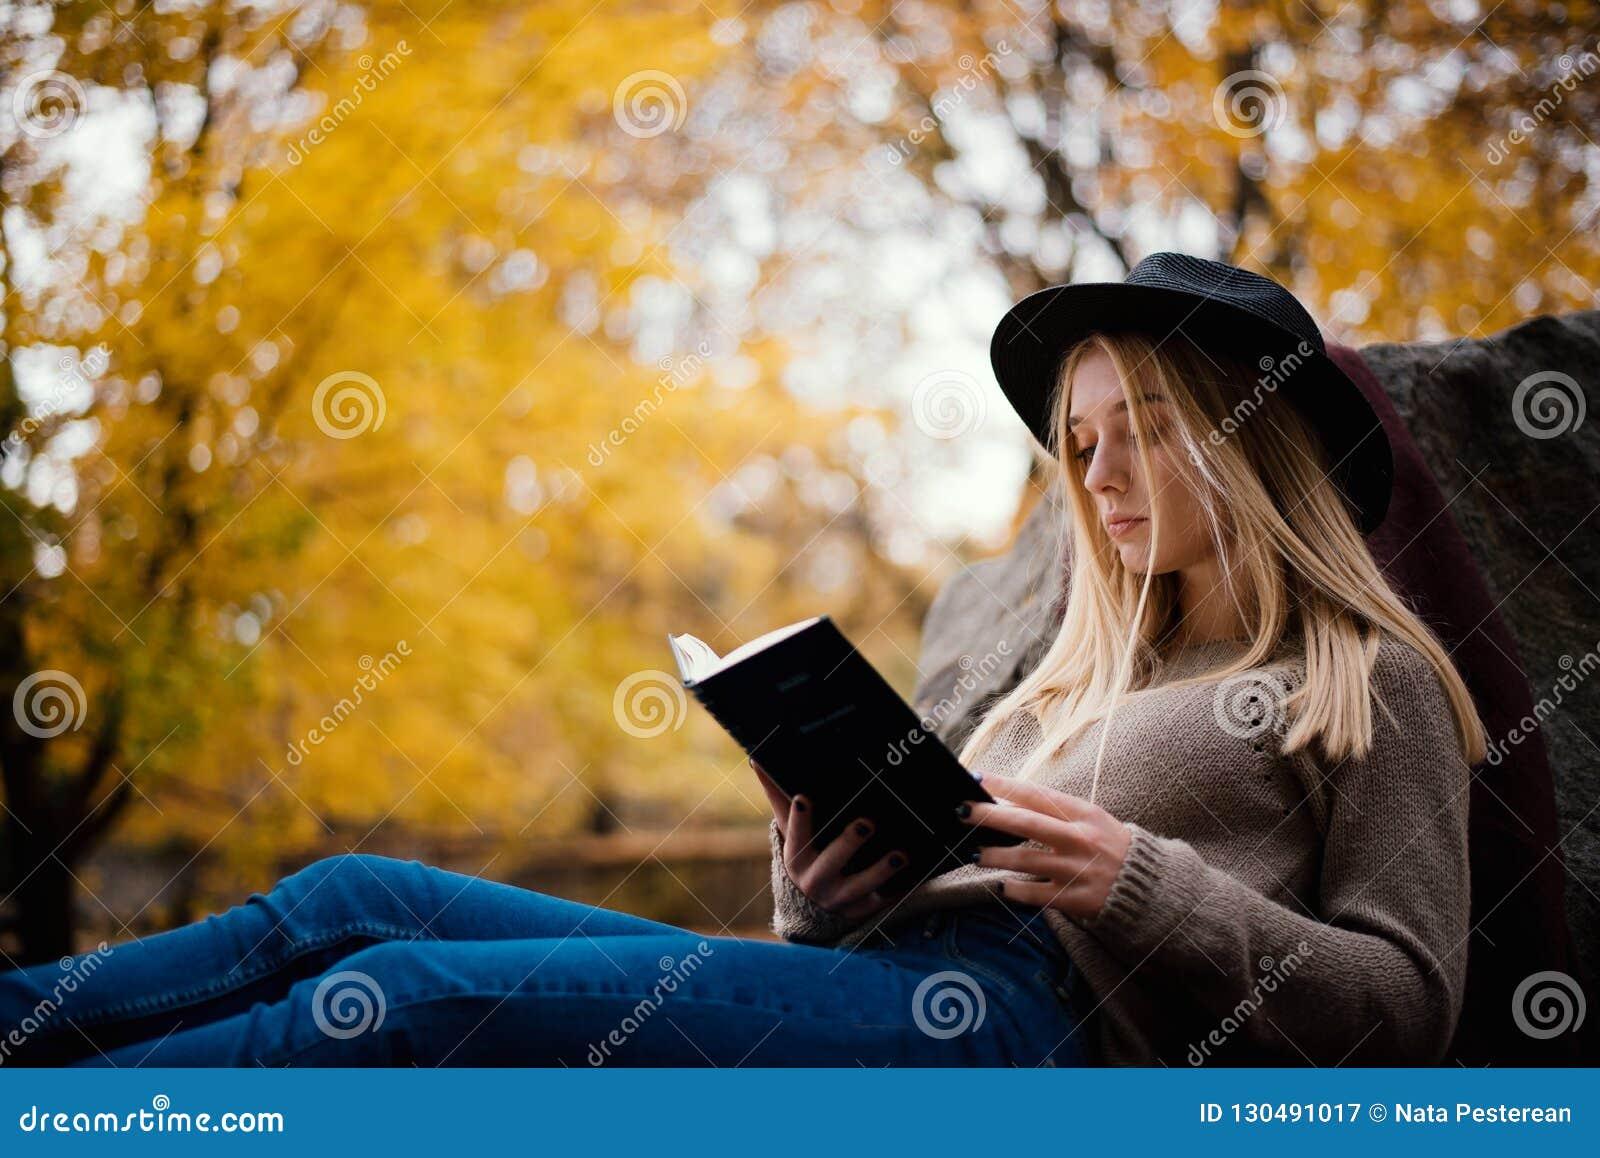 帽子的美丽的年轻金发碧眼的女人坐下落的秋叶在公园,读书